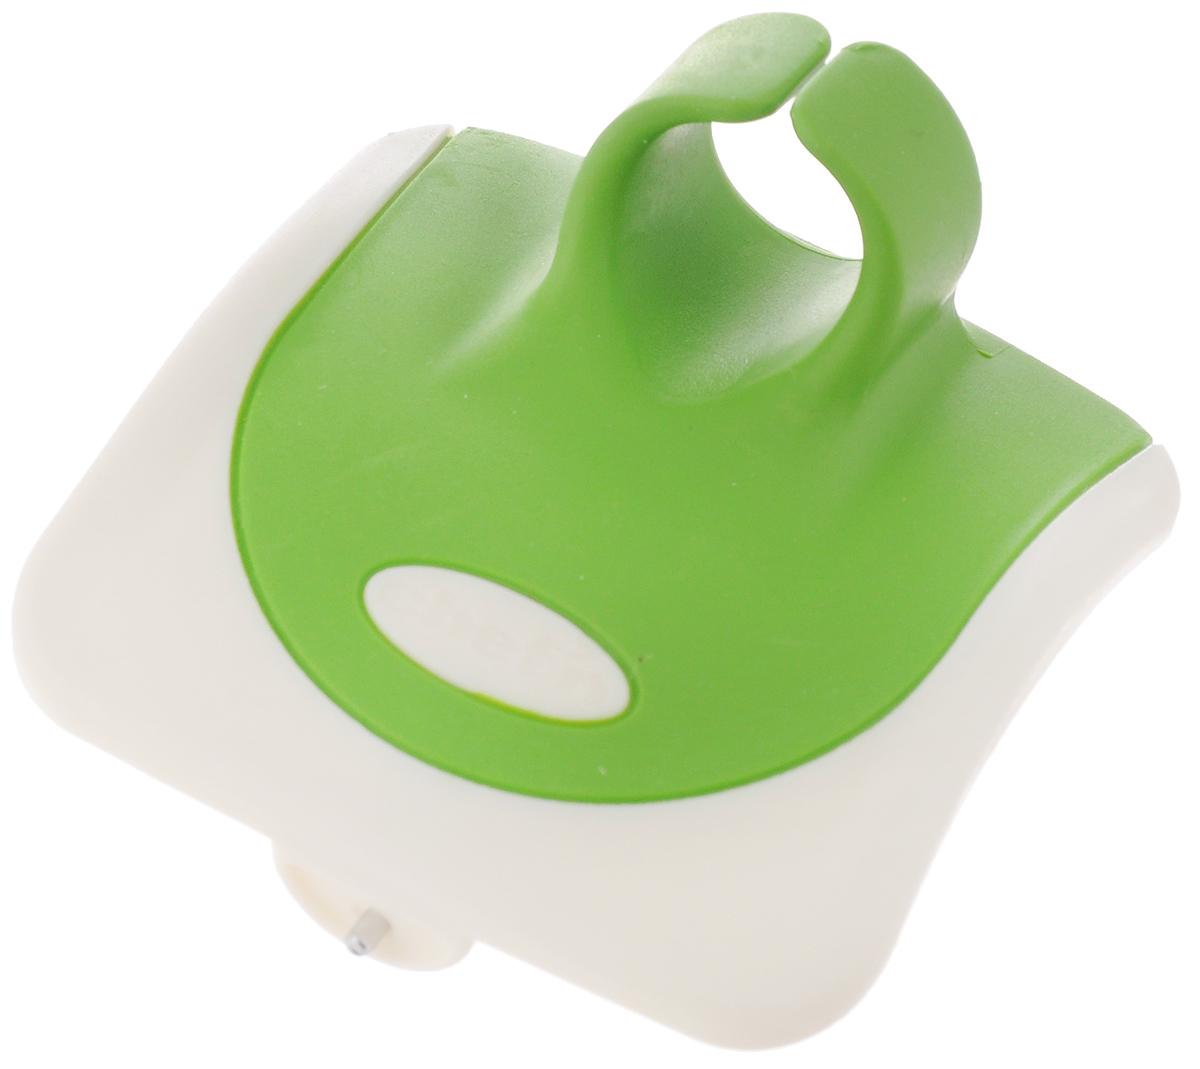 Овощечистка Chefn, цвет: зеленый, белыйCM000001326Овощечистка Chefn выполнена из пластика, стали и силикона. Изделие очень удобно. Овощечистка помещается в руку и одевается на палец. Удобная овощечистка Chefn поможет вам очень быстро и без особого усилия почистить овощи.Можно мыть в посудомоечной машине.Общая длина овощечистки: 7 см.